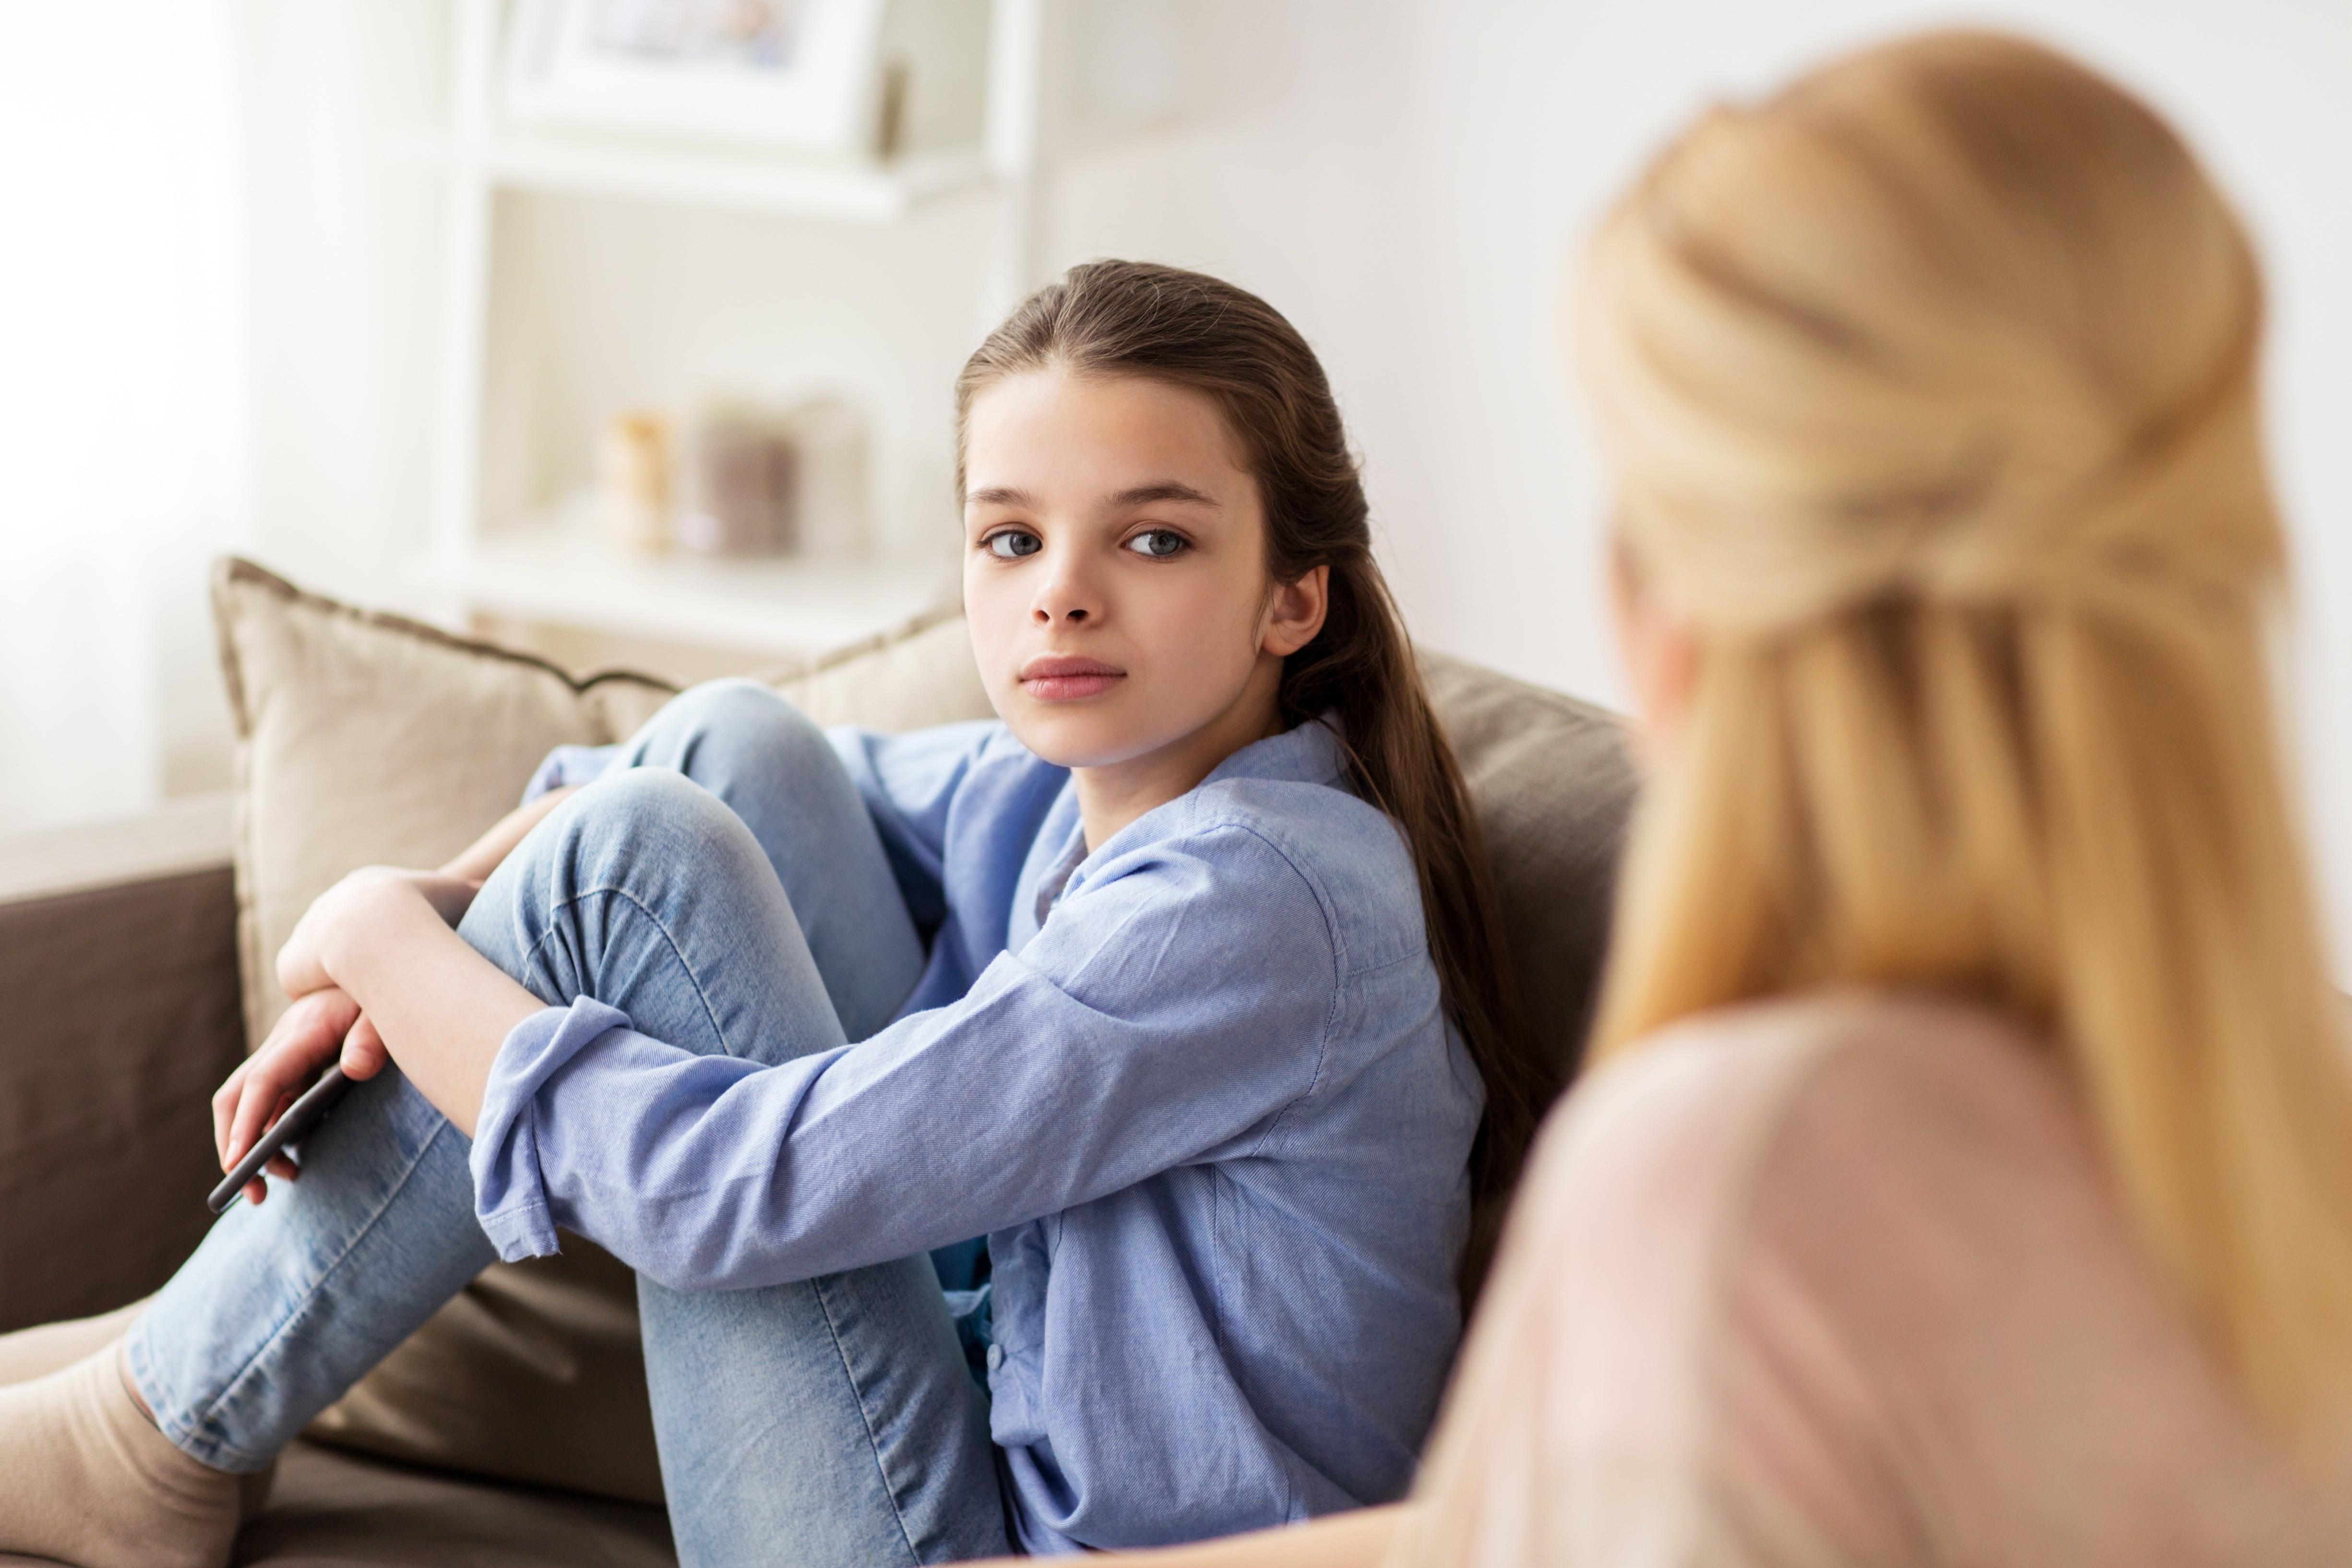 Меня не любит мама: как не сломать себе жизнь. Советы психолога